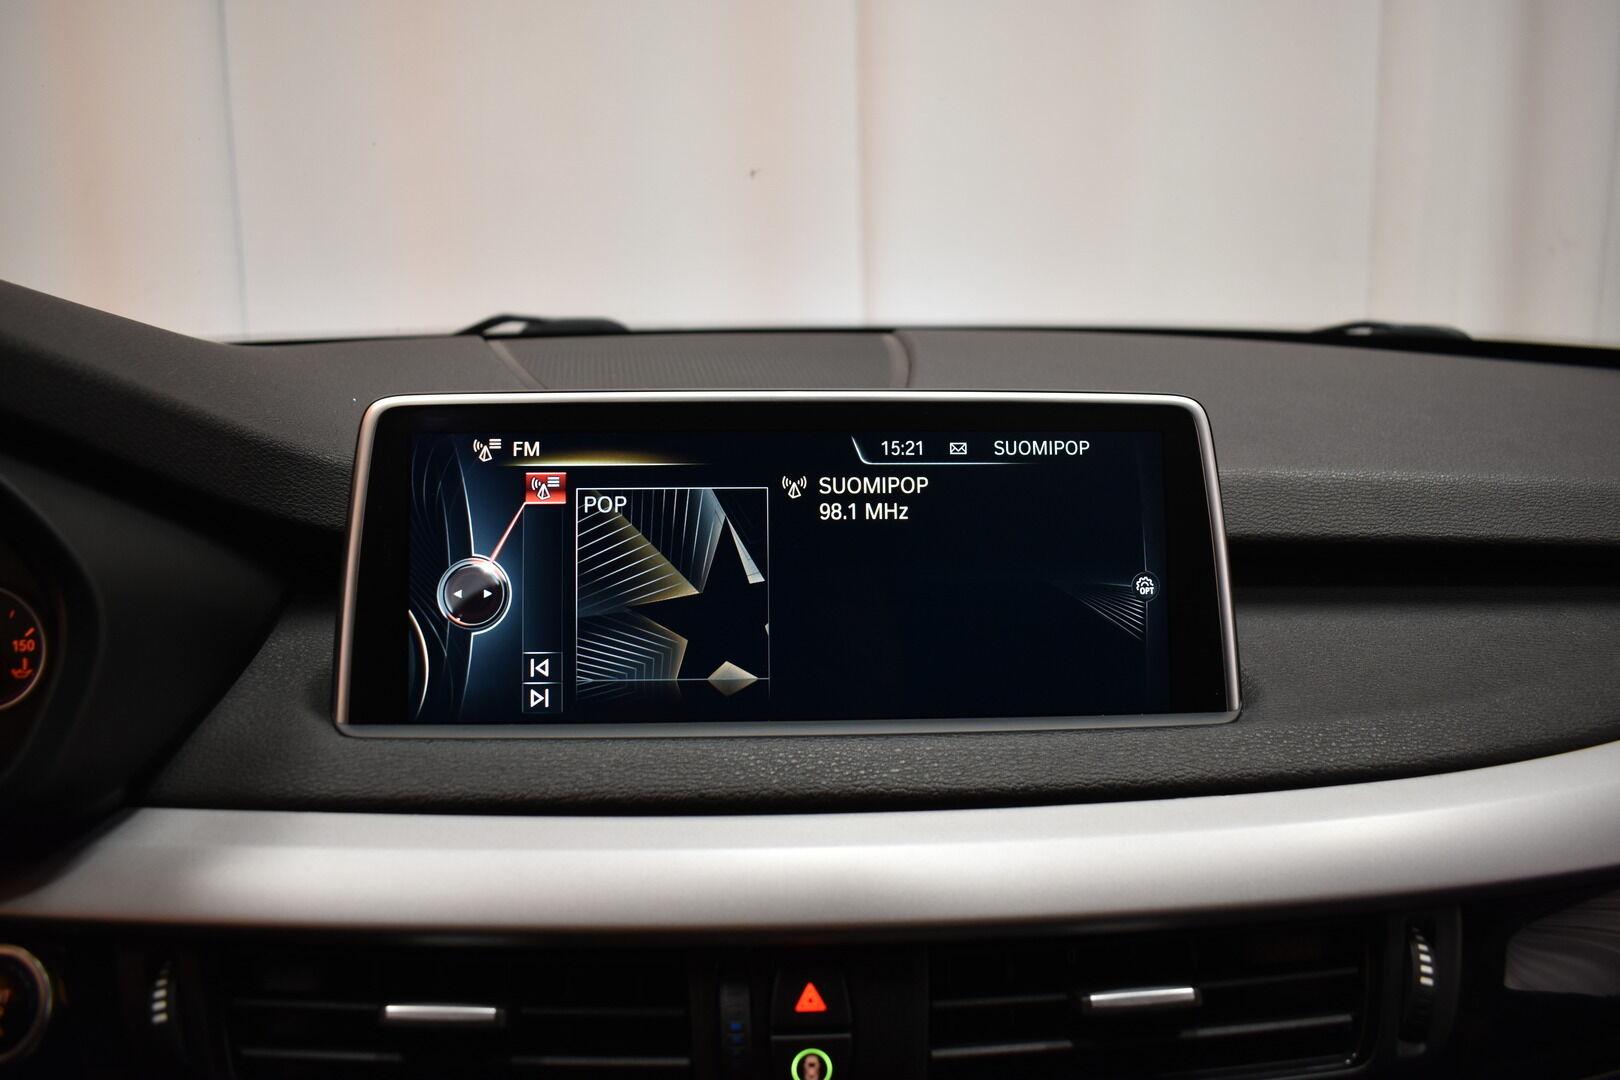 Musta Maastoauto, BMW X5 – LOH-812, kuva 19